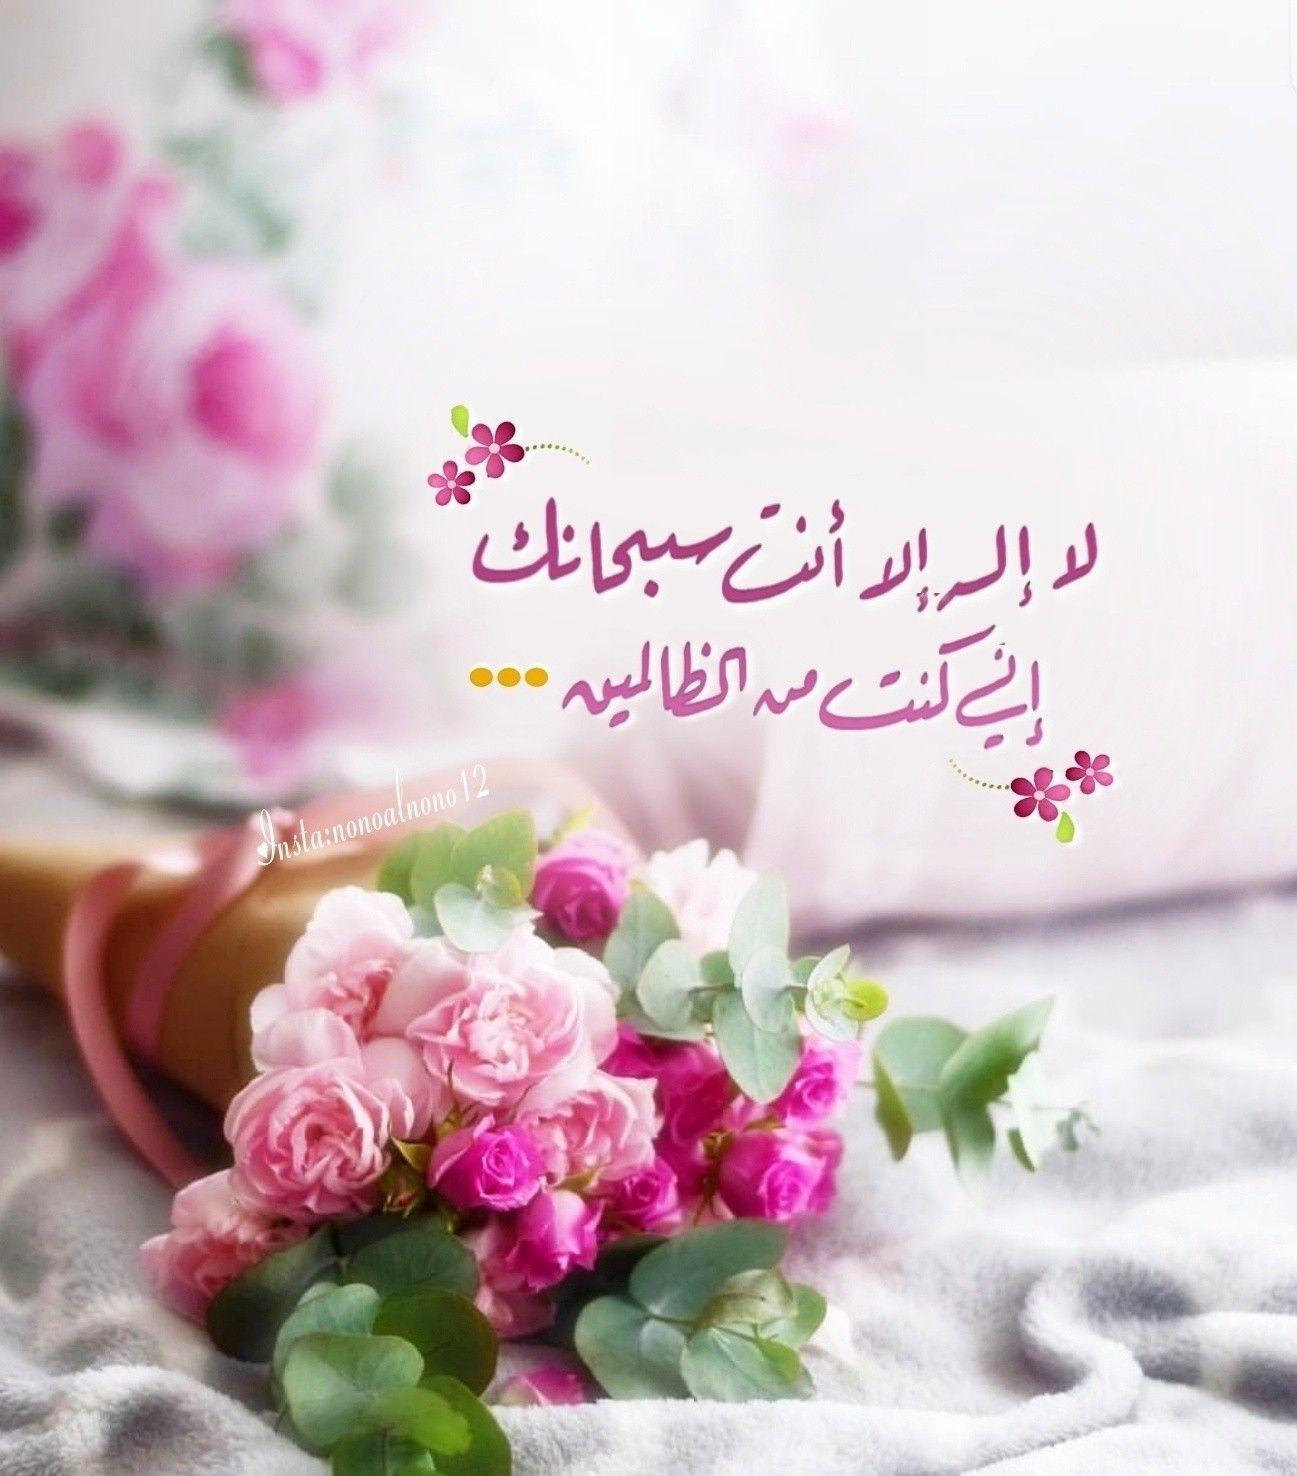 لا إله إلا أنت سبحانك إني كنت من الظالمين Islamic Pictures Friday Messages Doa Islam